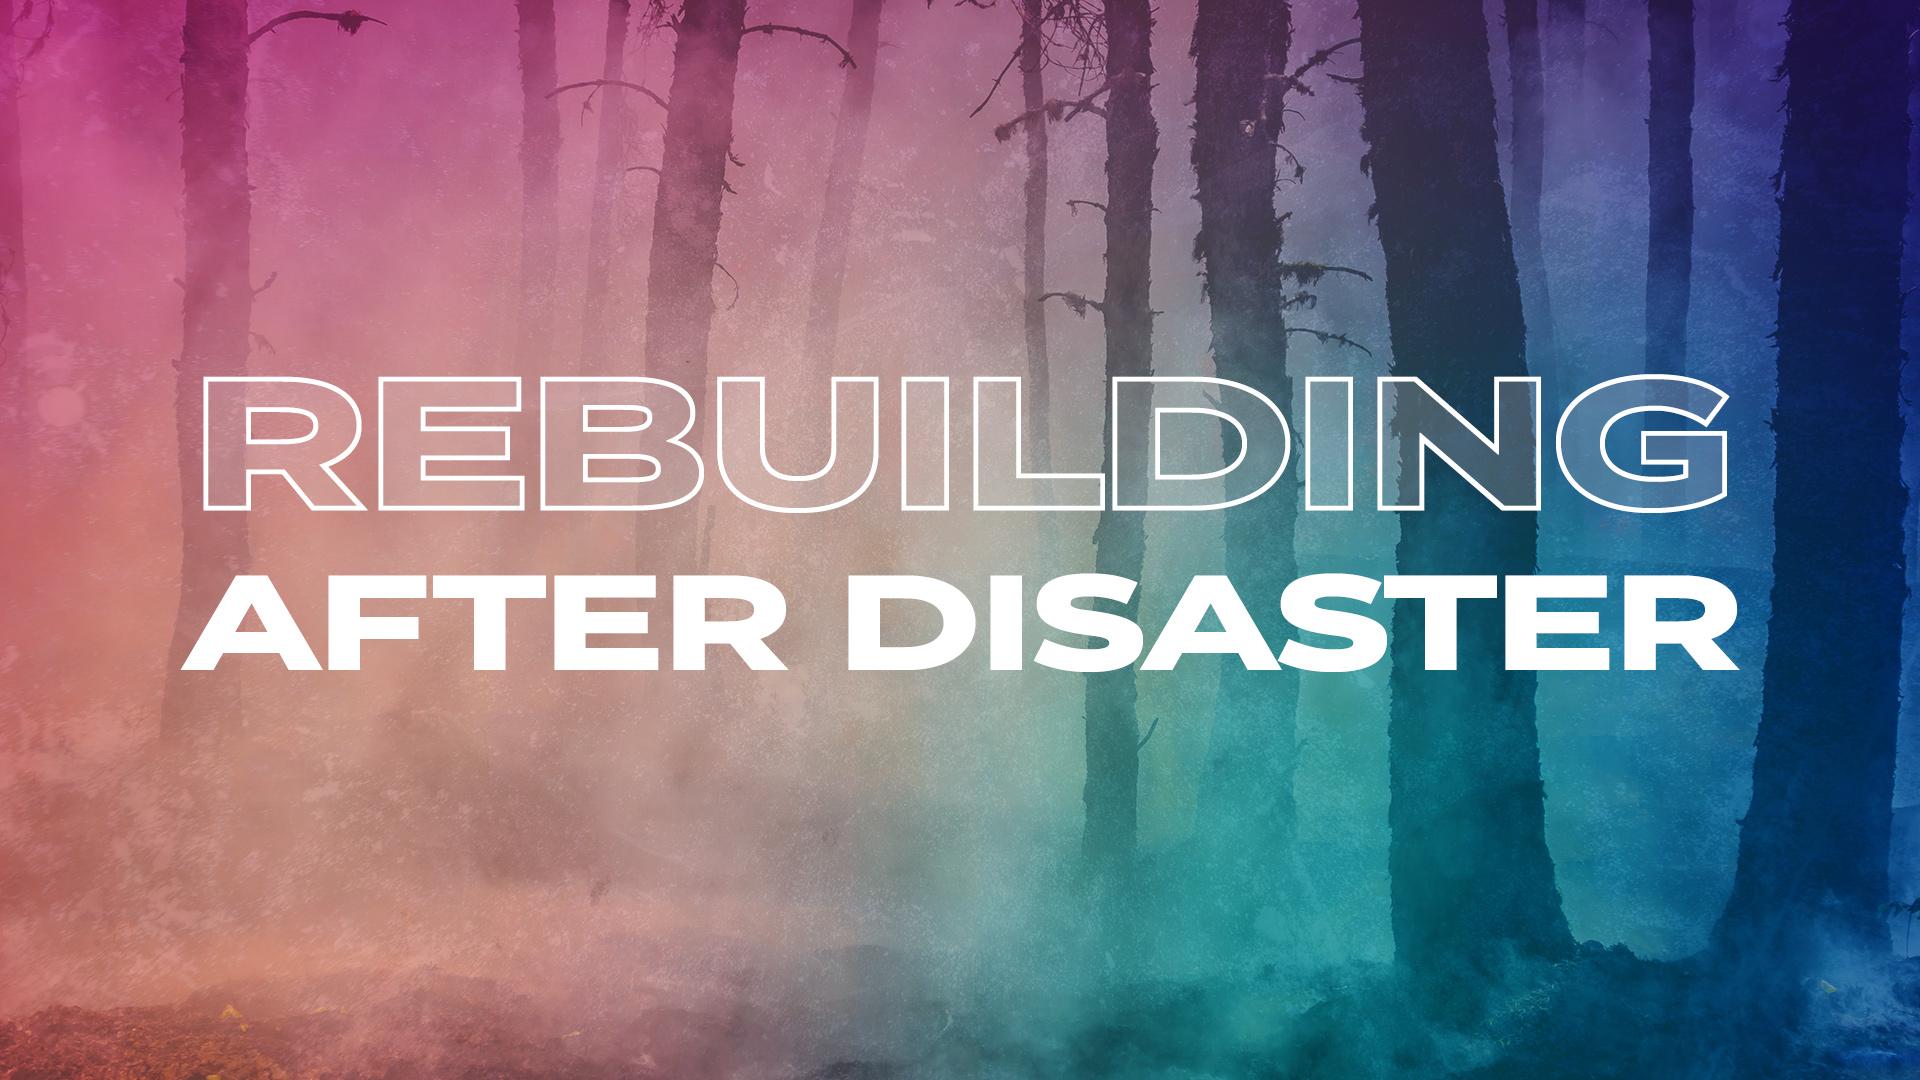 Rebuilding After Disaster